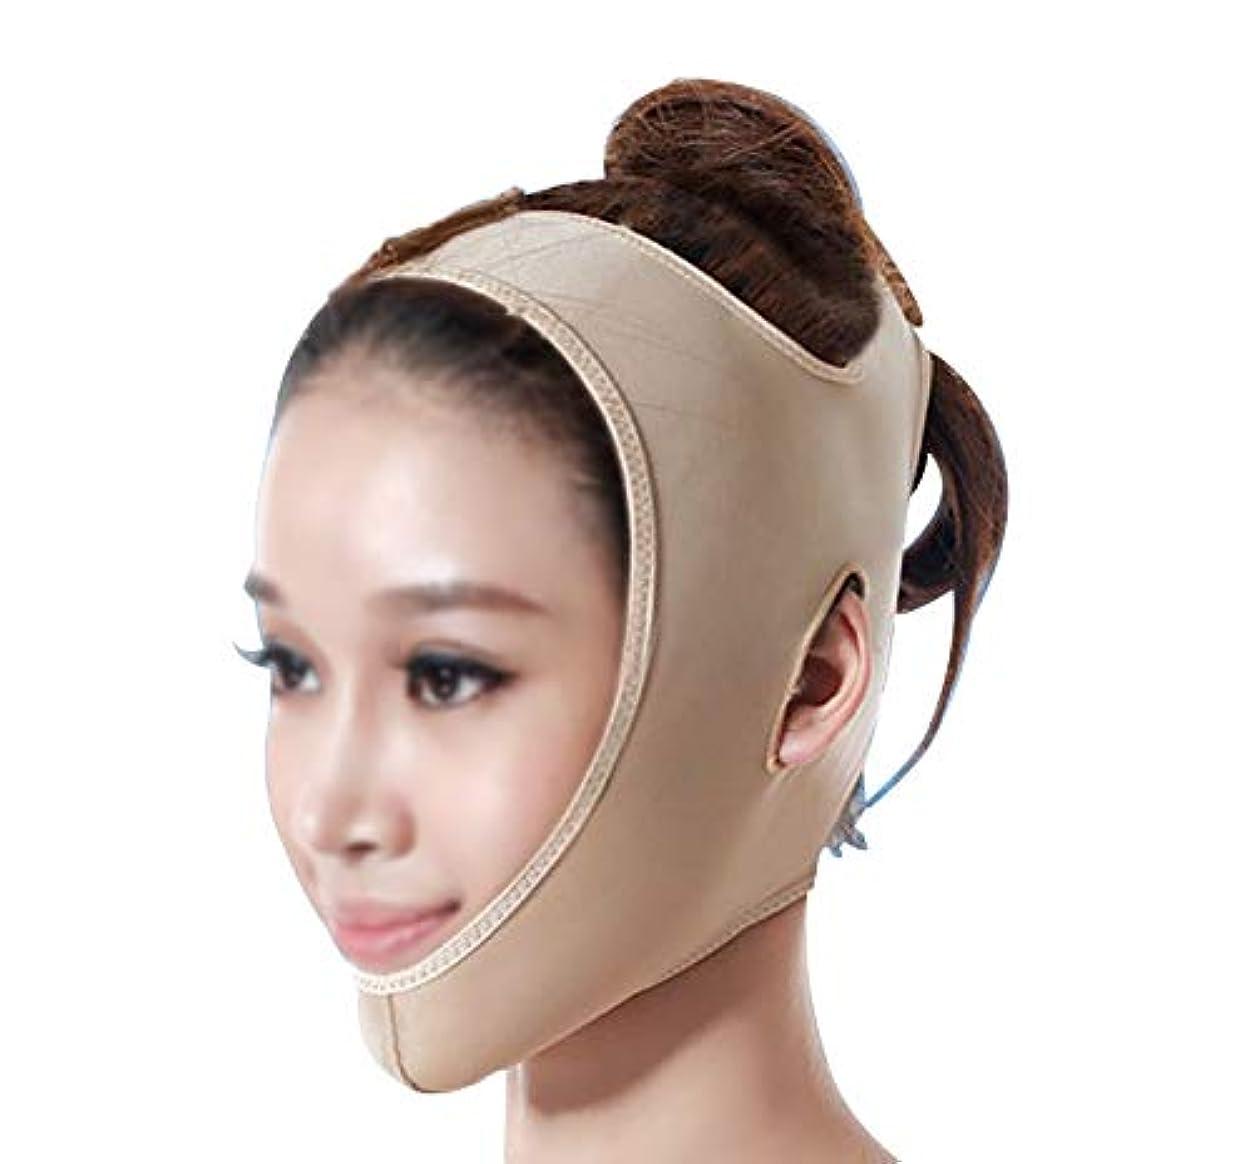 外部垂直通りTLMY 引き締めマスクマスク美容薬マスク美容V顔包帯ライン彫刻引き締めしっかりダブルチンマスク 顔用整形マスク (Size : M)